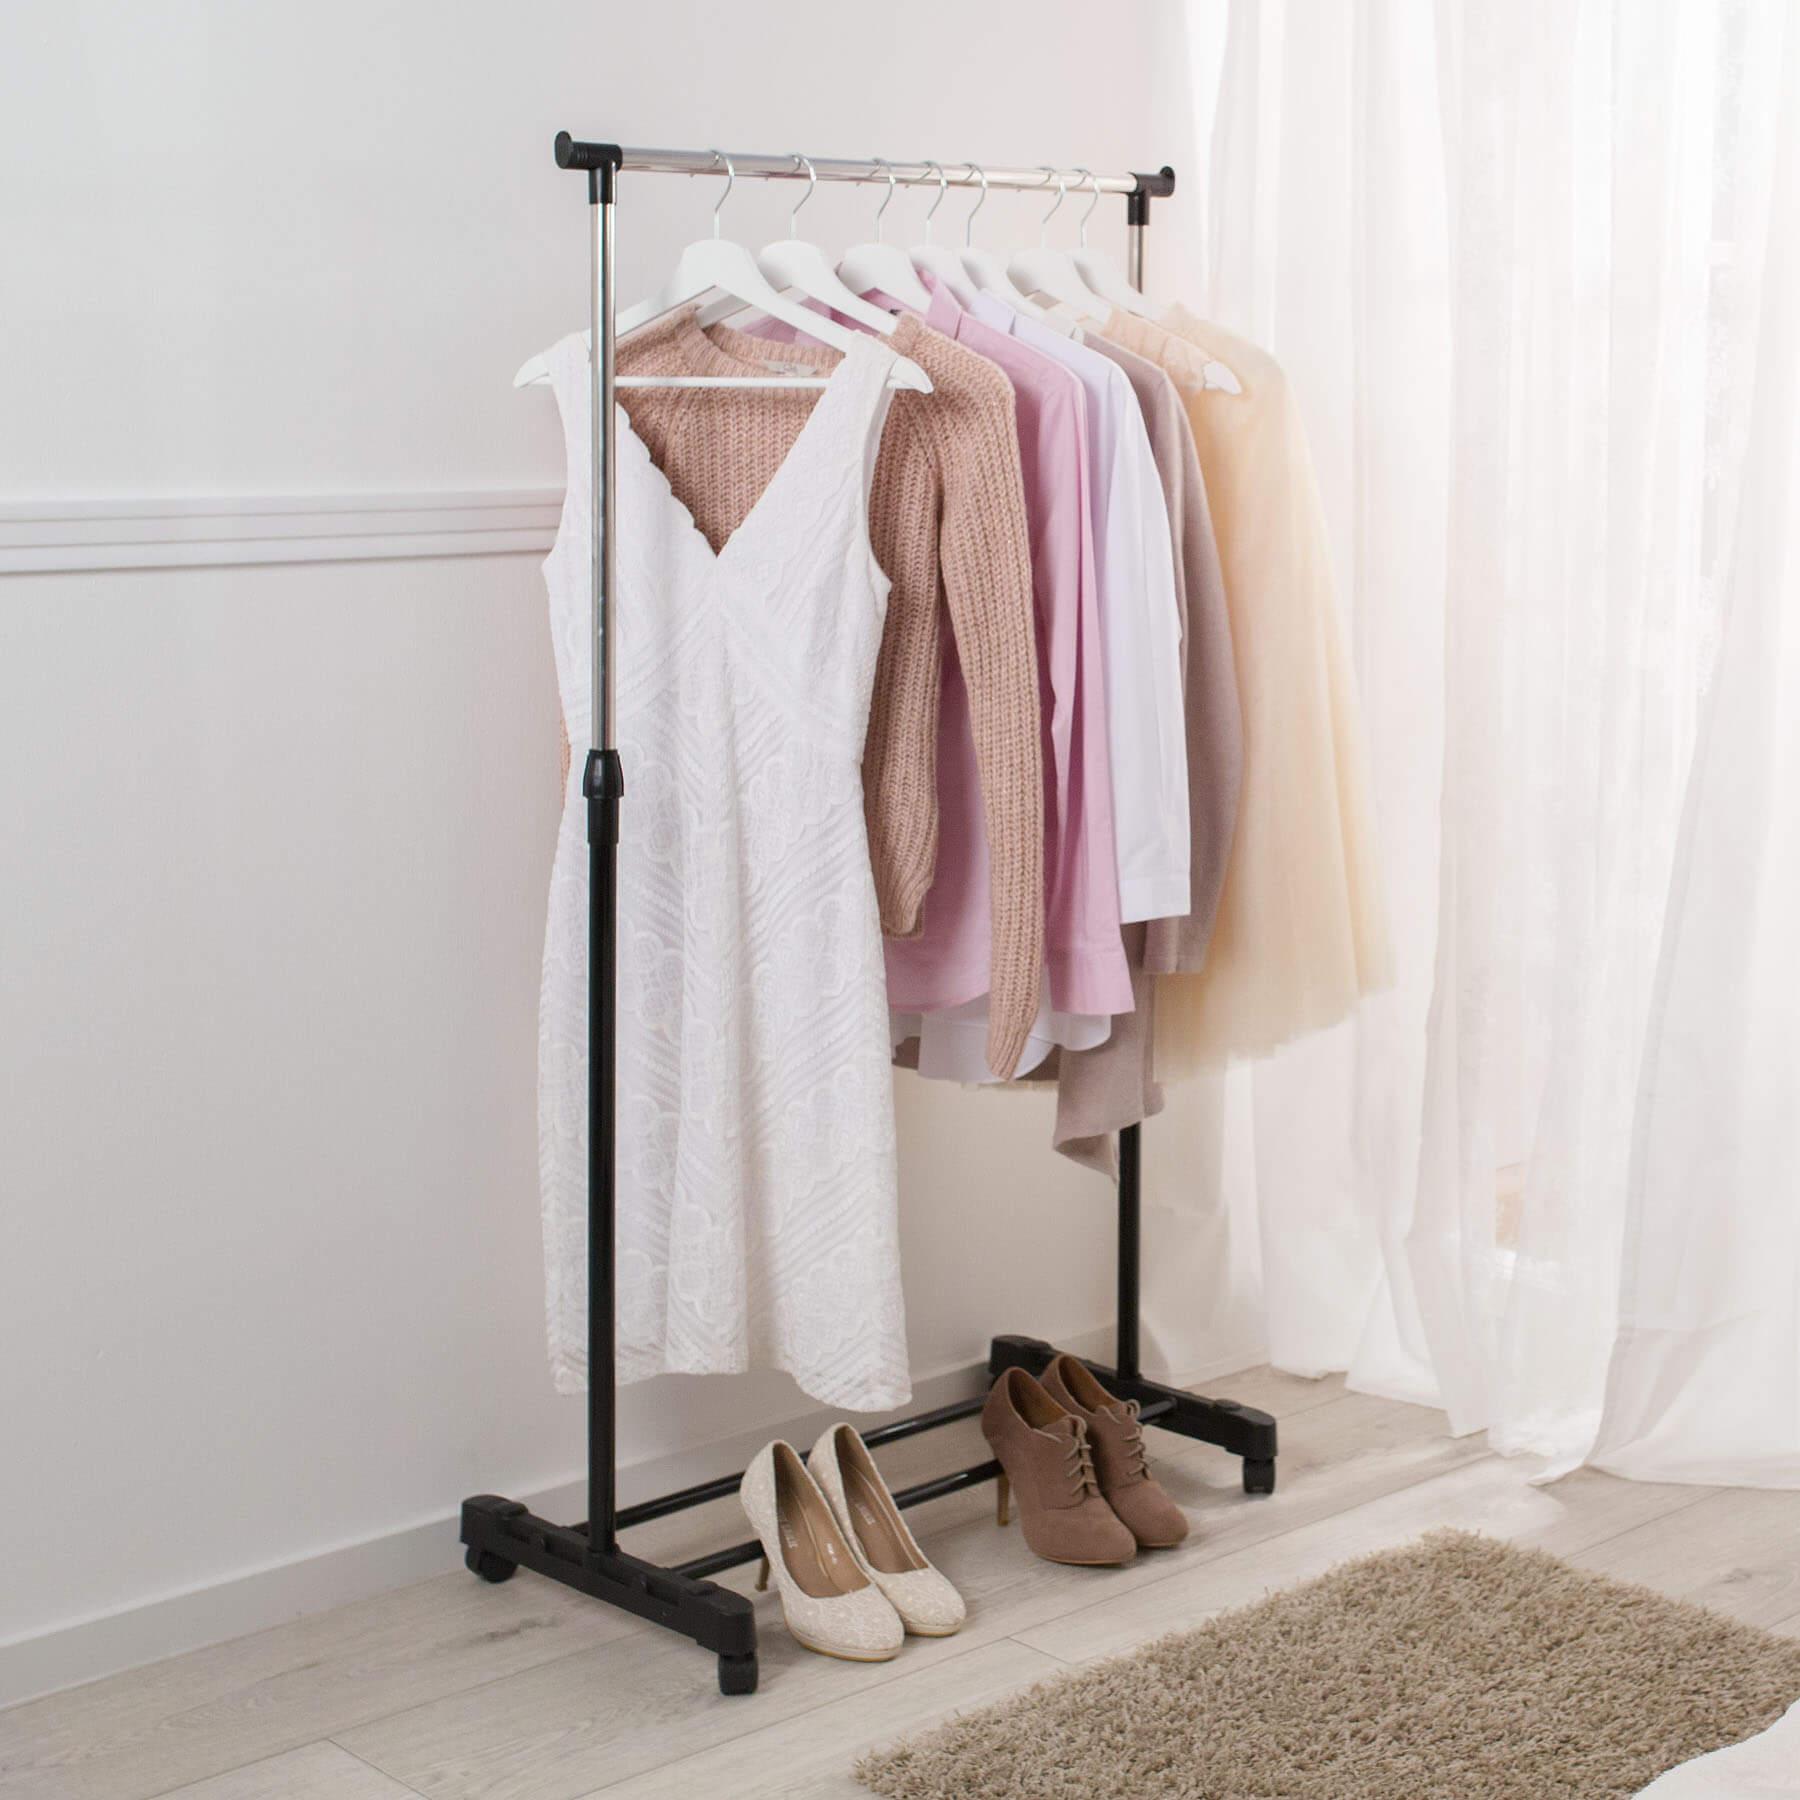 Kleiderstange Ebay: Kleiderständer Wäscheständer Garderobenständer Auf Rollen